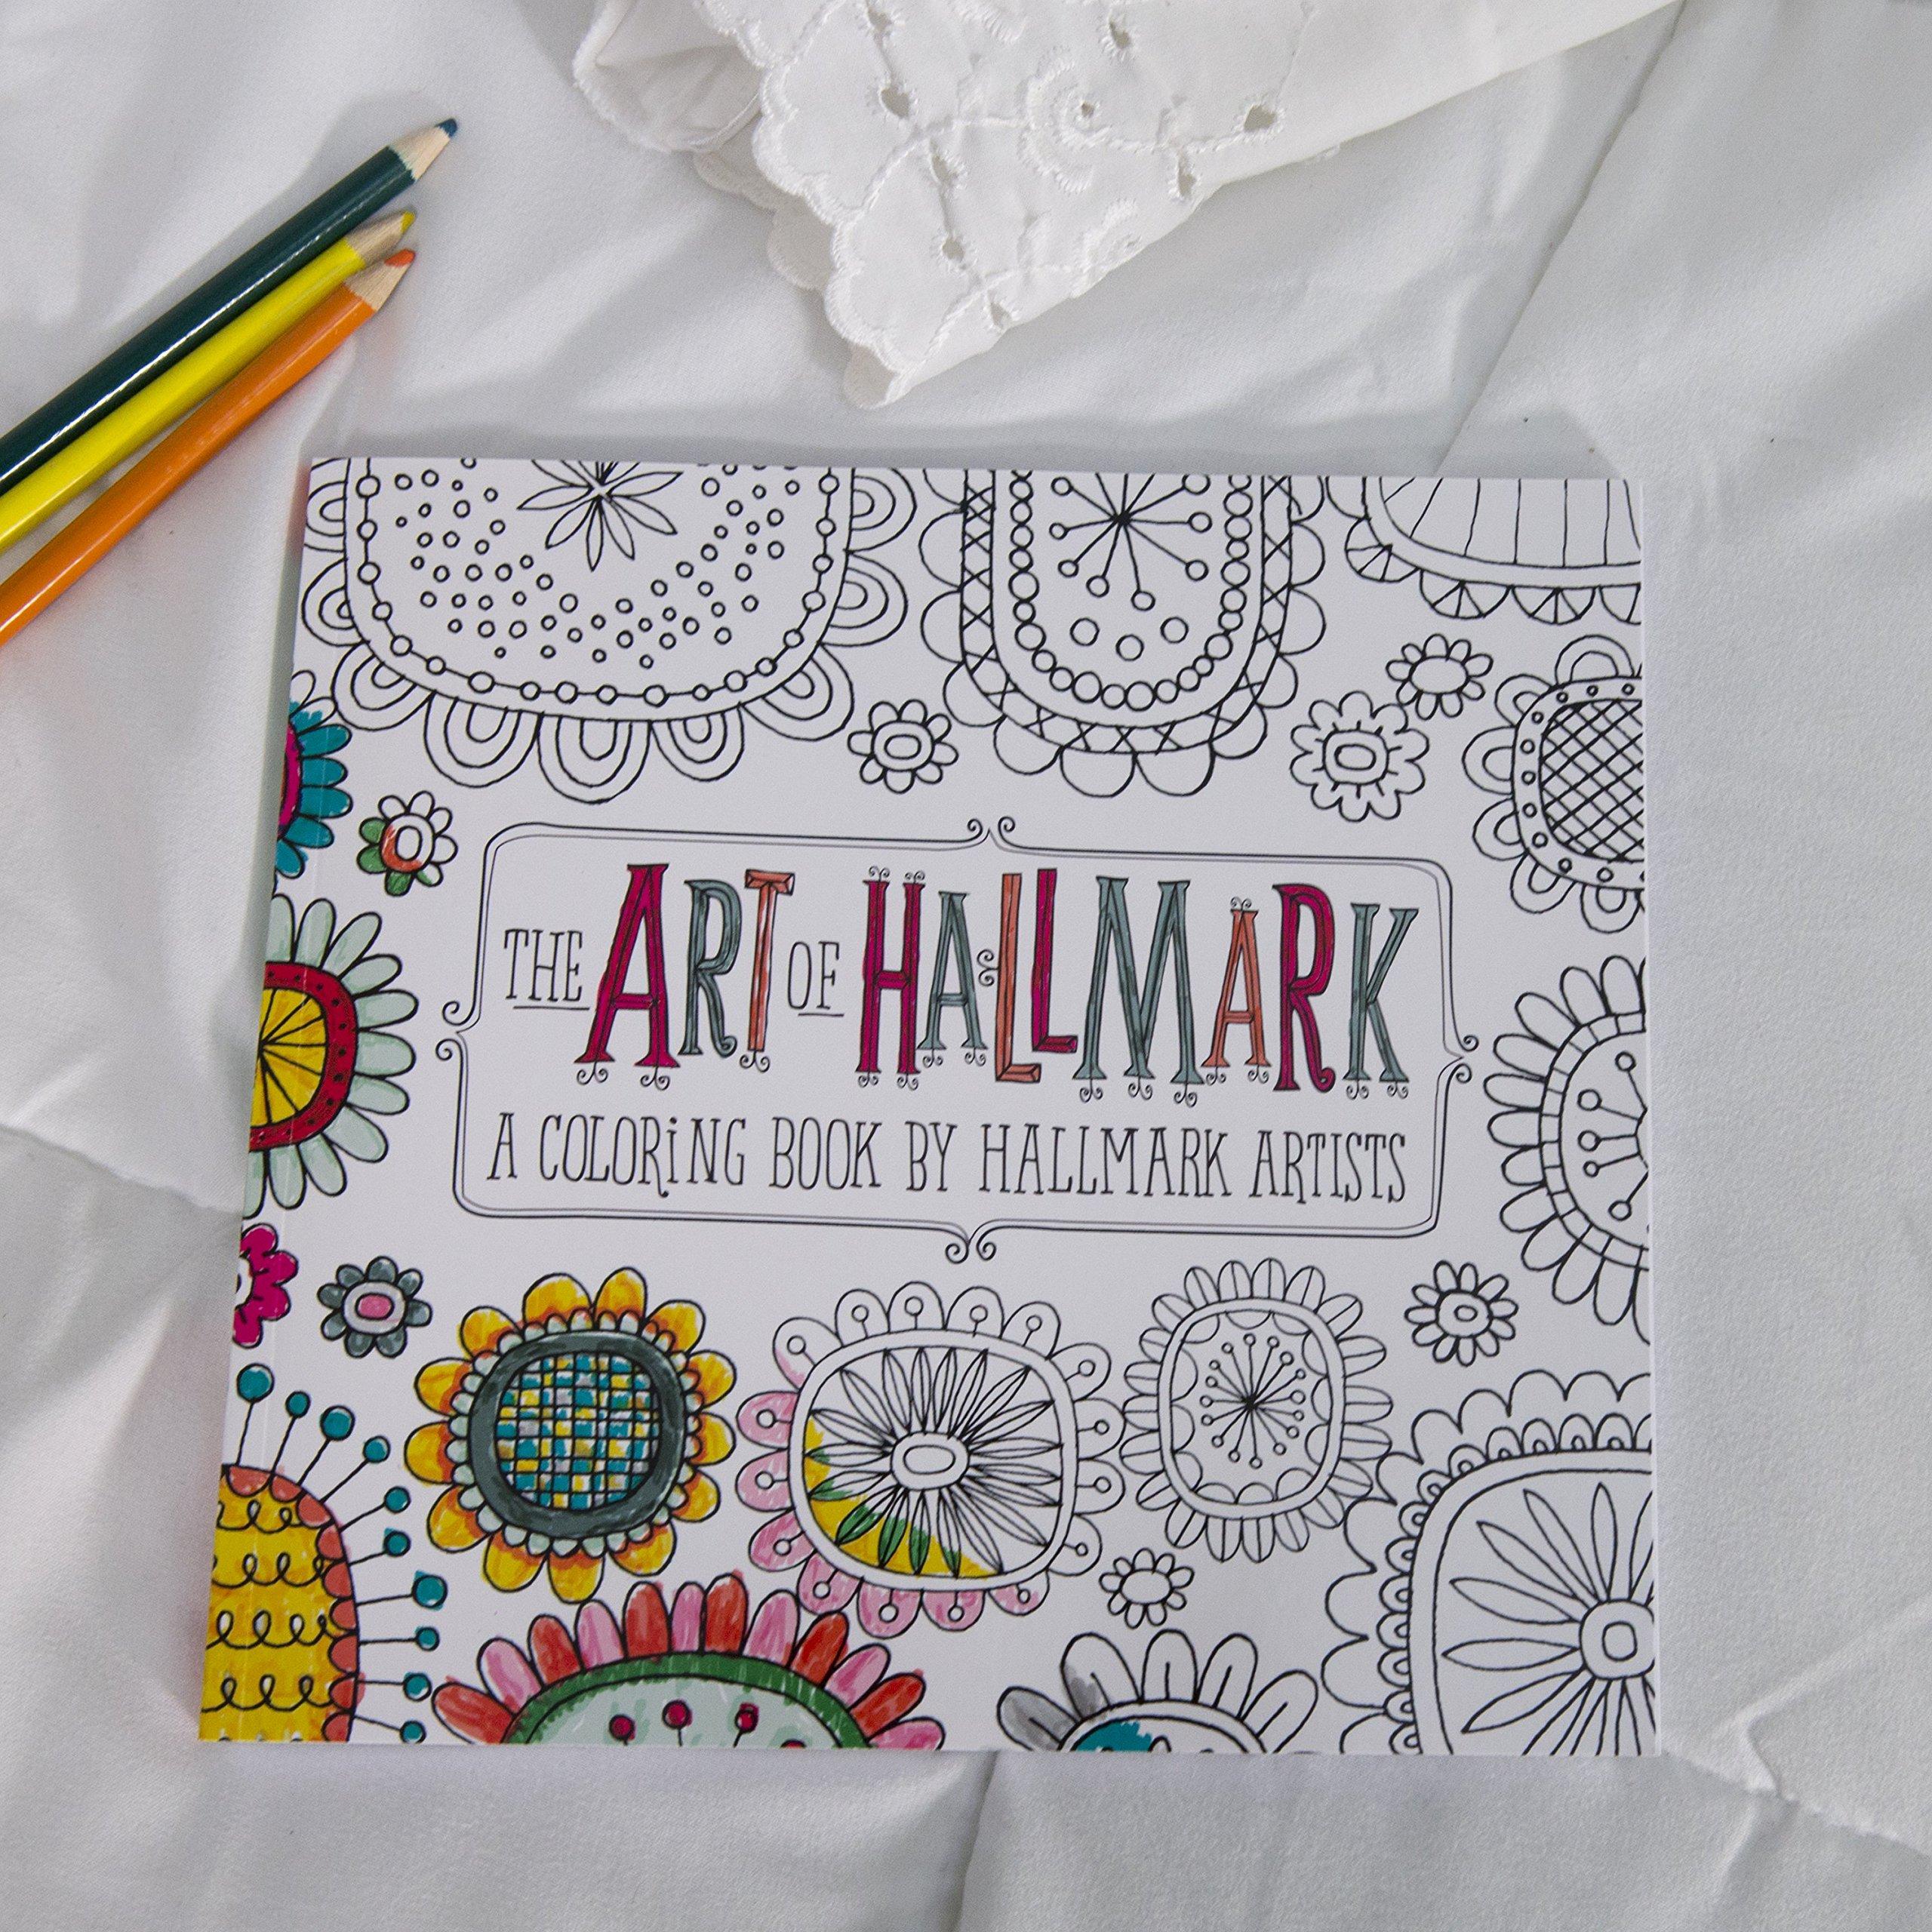 The Art Of Hallmark